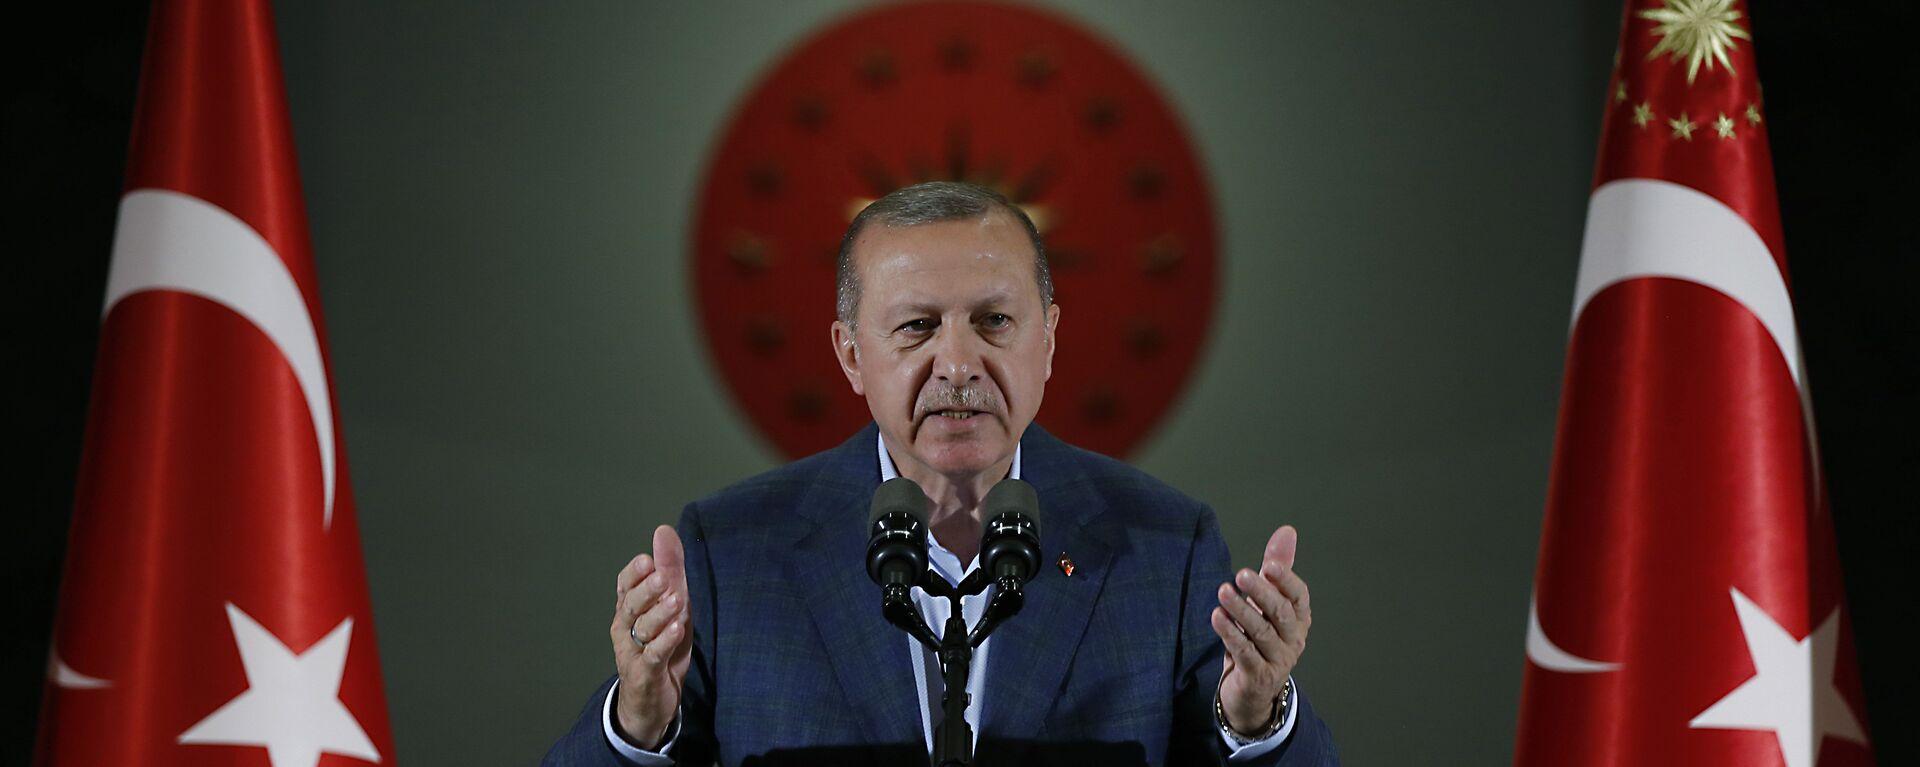 Recep Tayyip Erdogan, presidente de Turquía - Sputnik Mundo, 1920, 13.01.2021